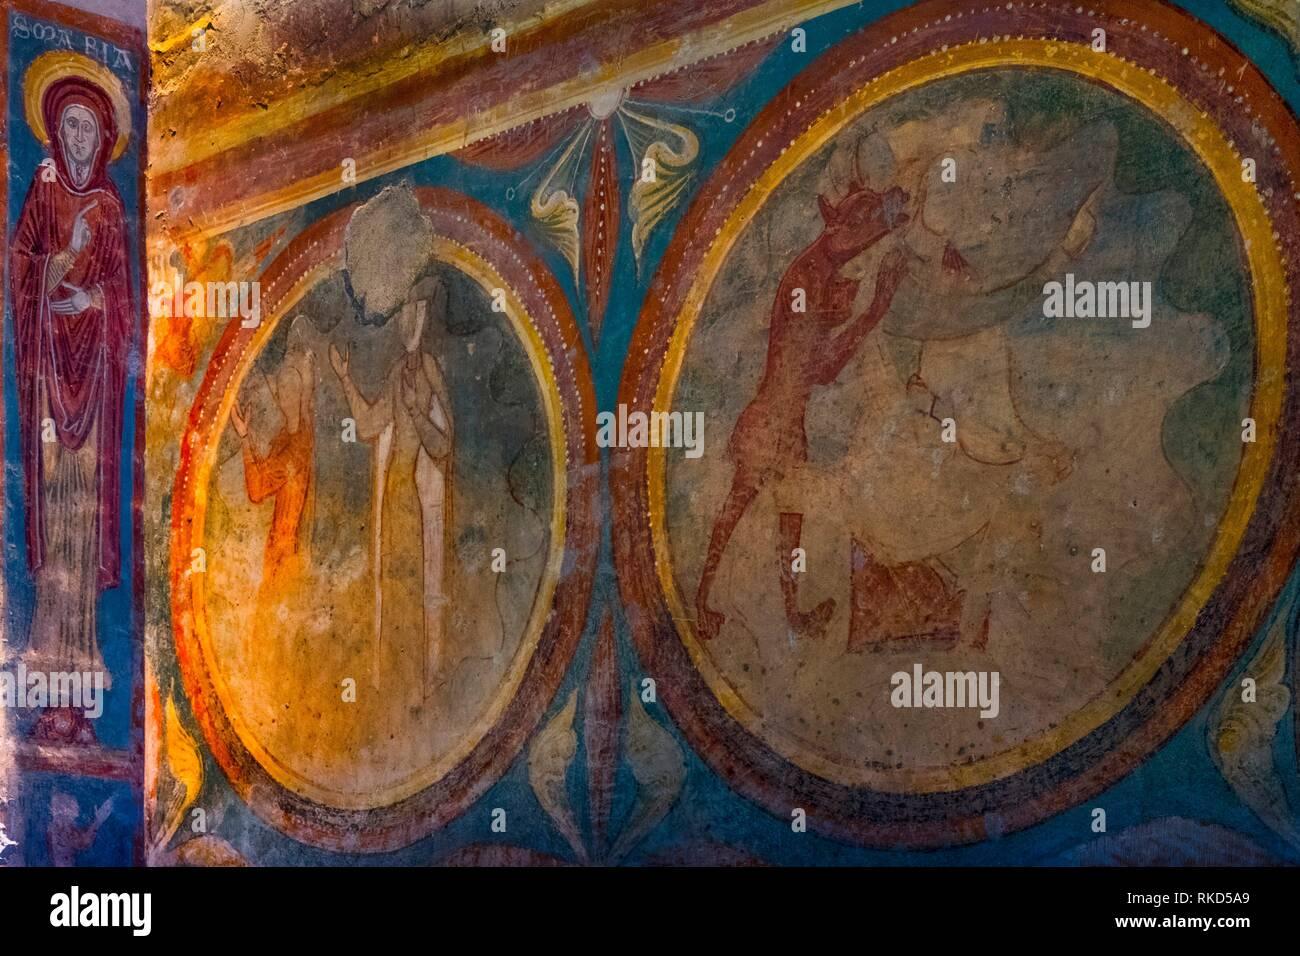 Nouvelle France, Aquitaine, Gironde, 13e siècle, la peinture murale à l'église paroissiale de Saint Emilion. L'un des wine domaine de la vins de Bordeaux Photo Stock